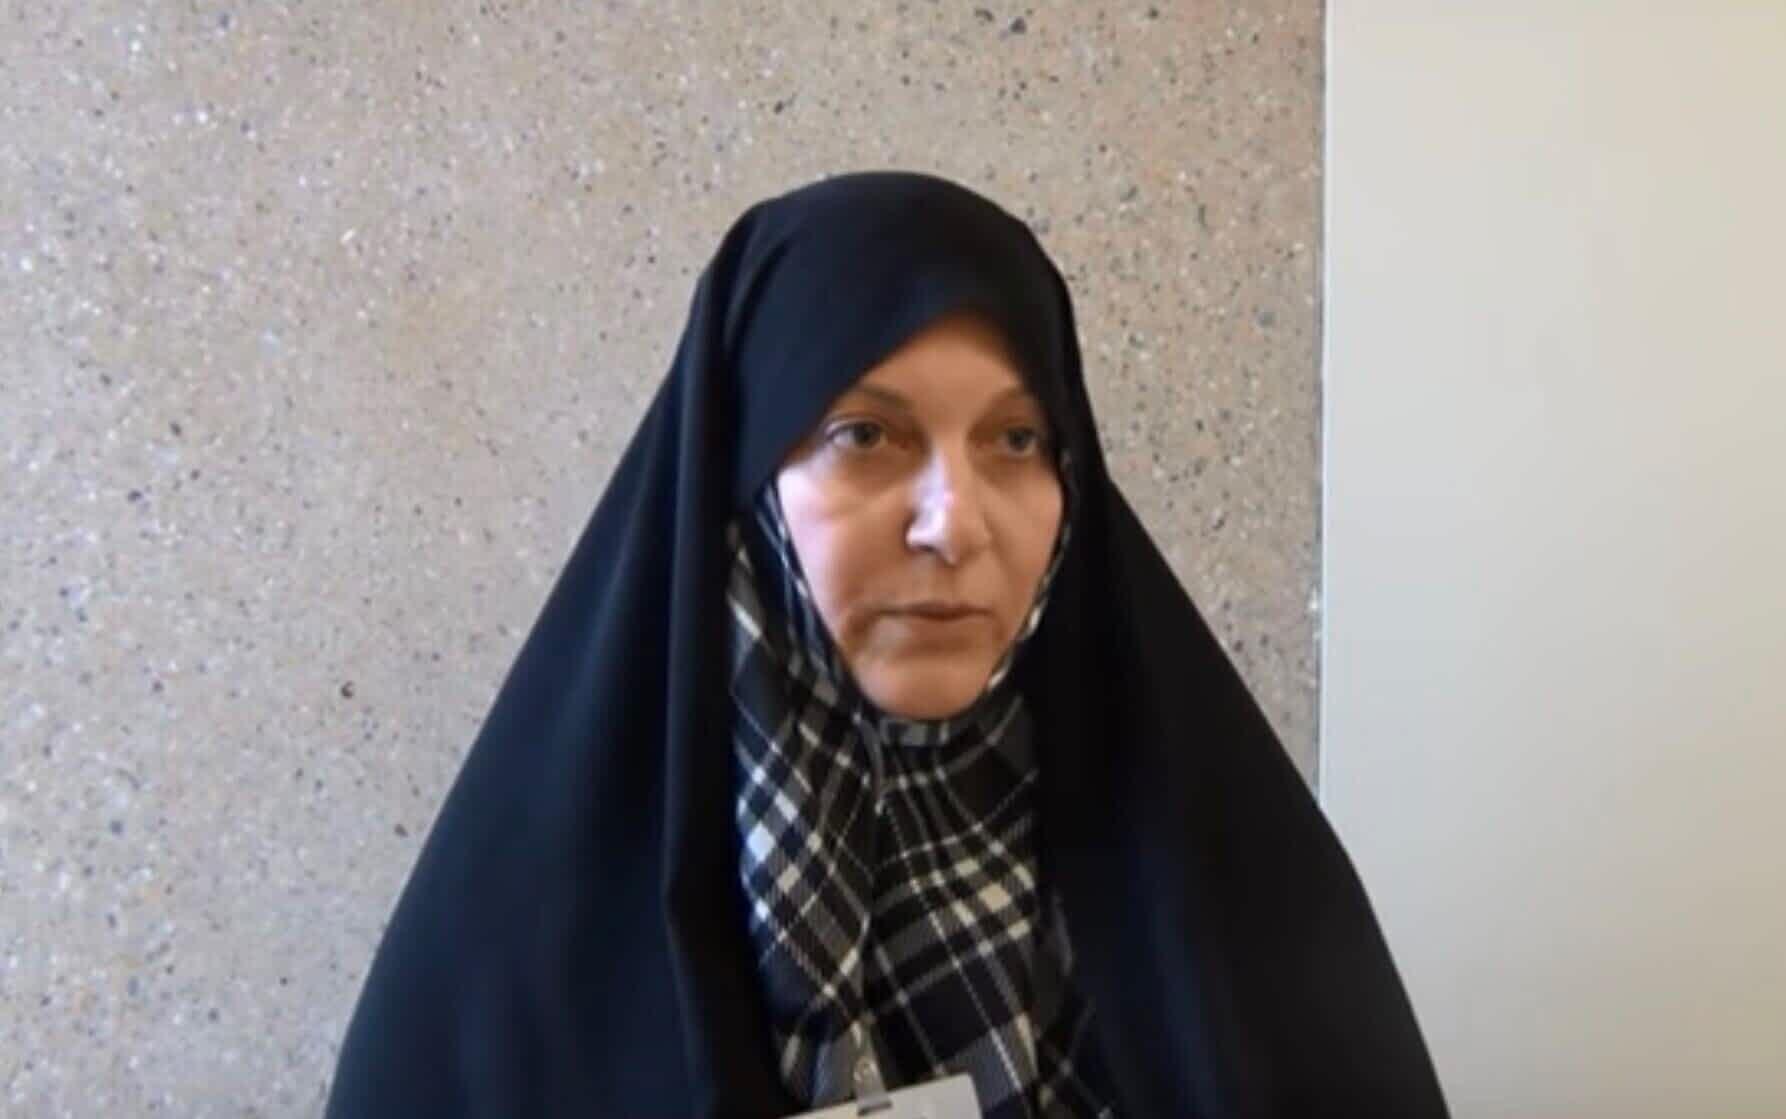 Fatima Rahbar